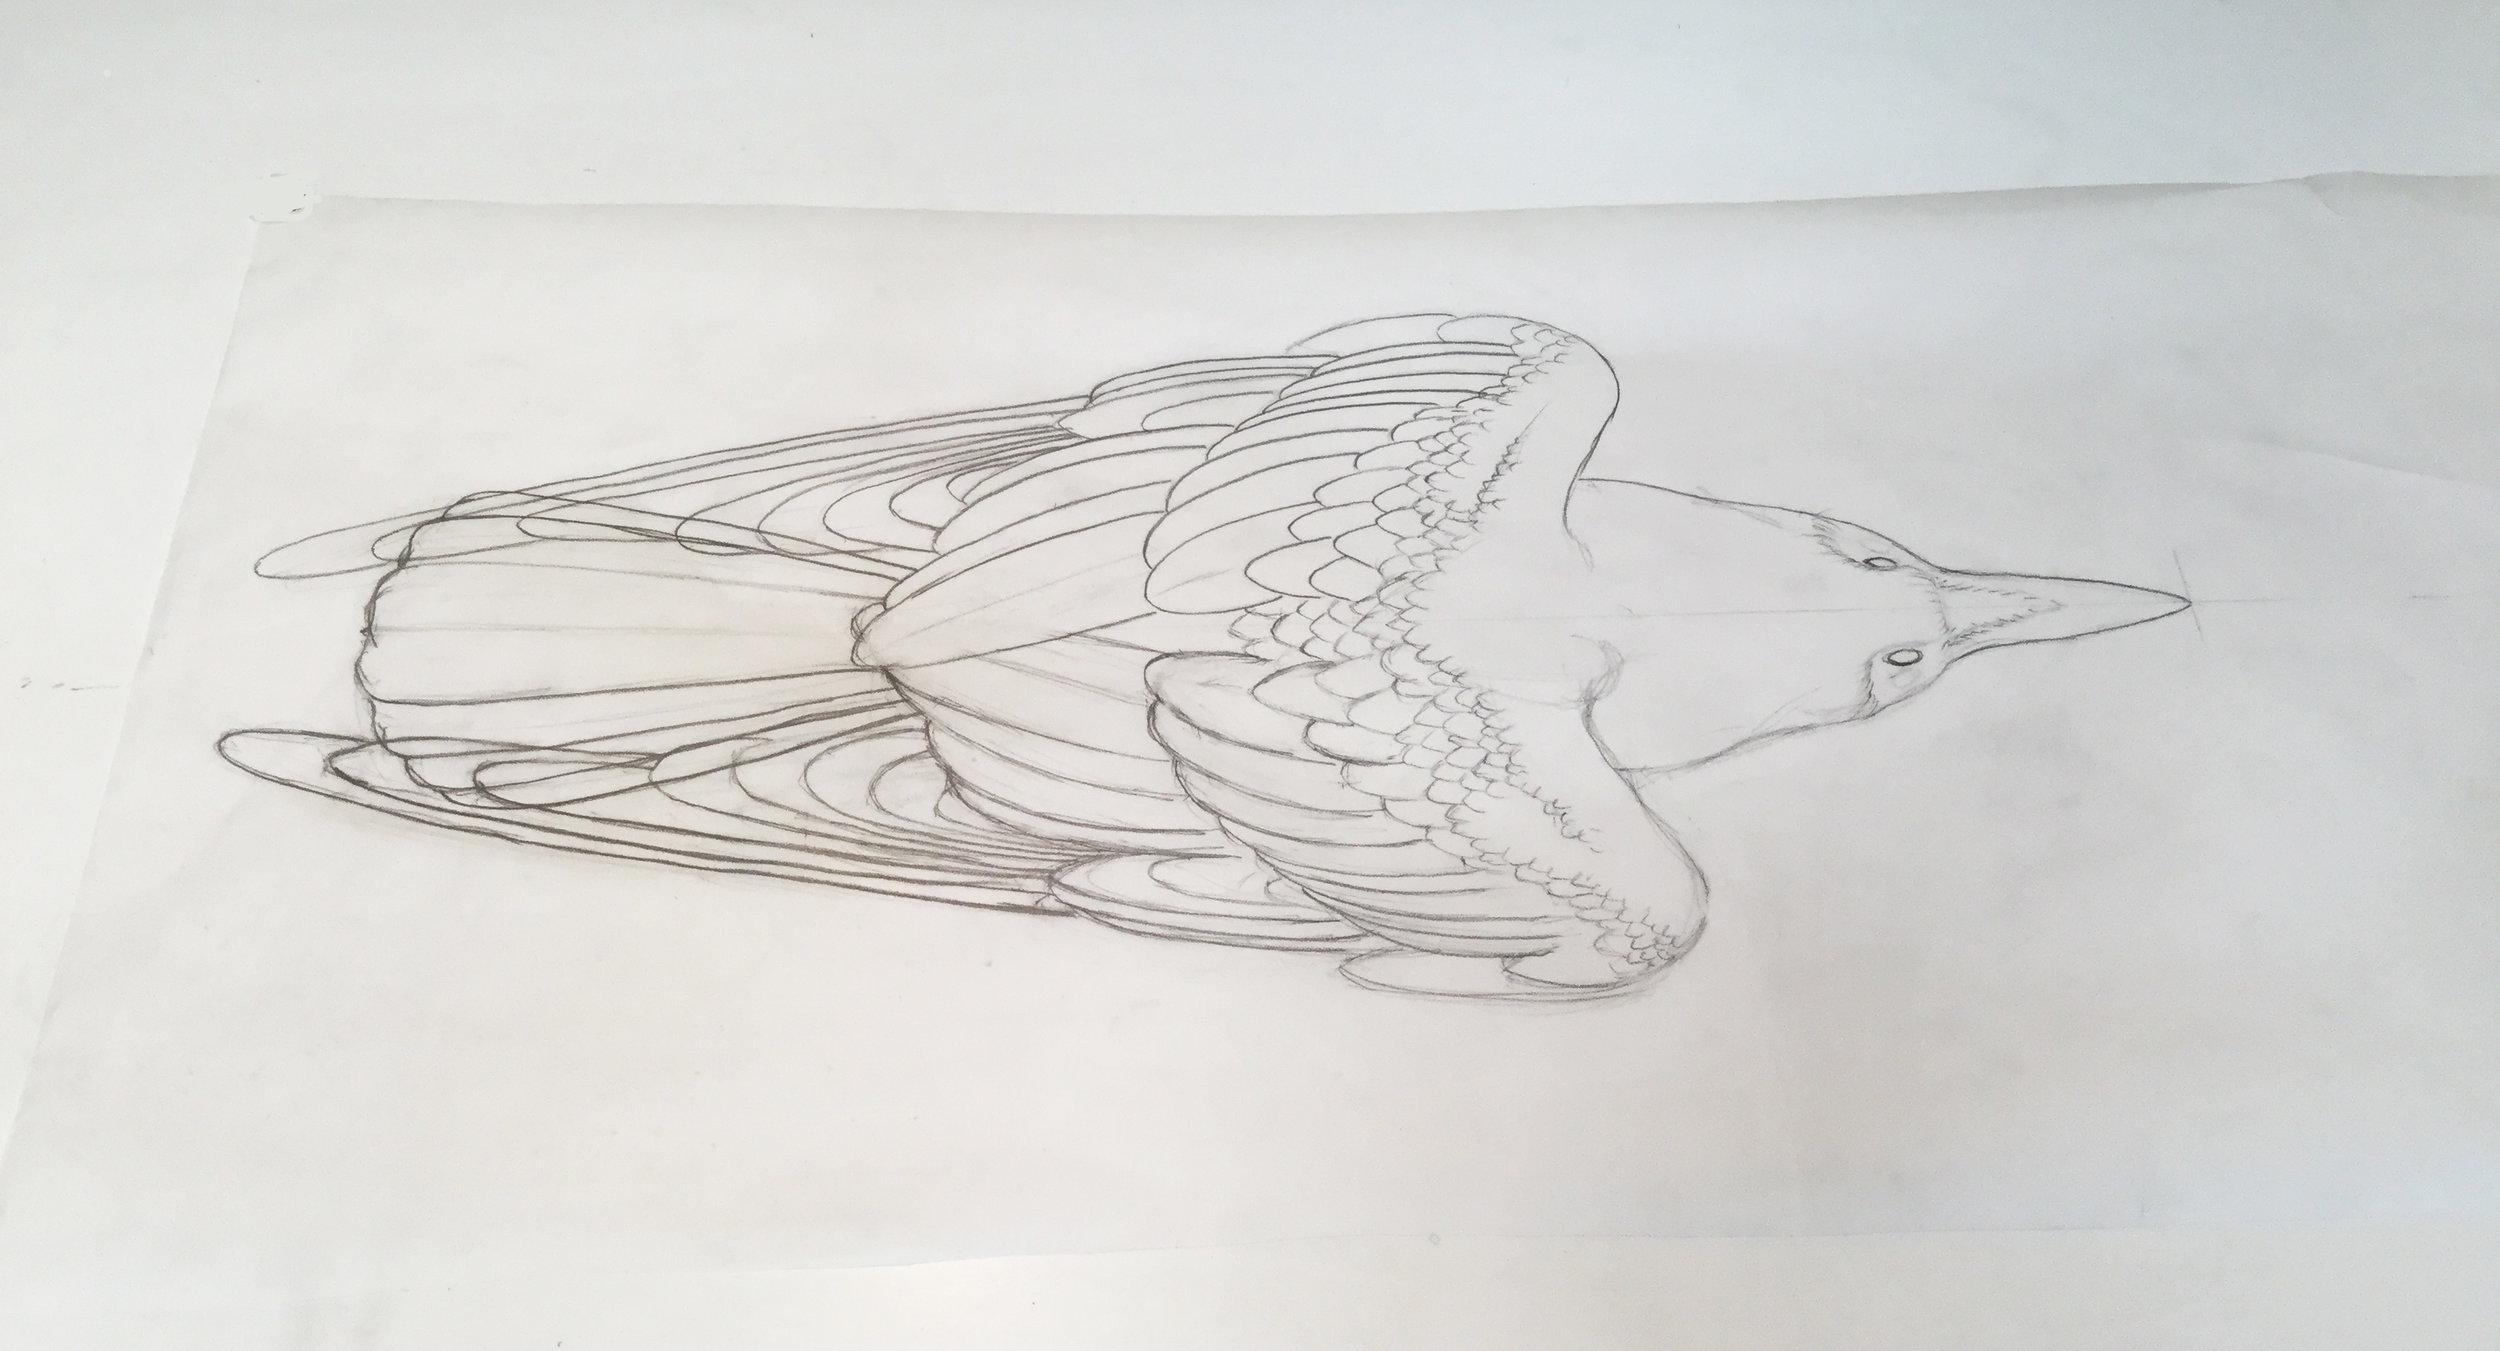 Plan View of Raven Design